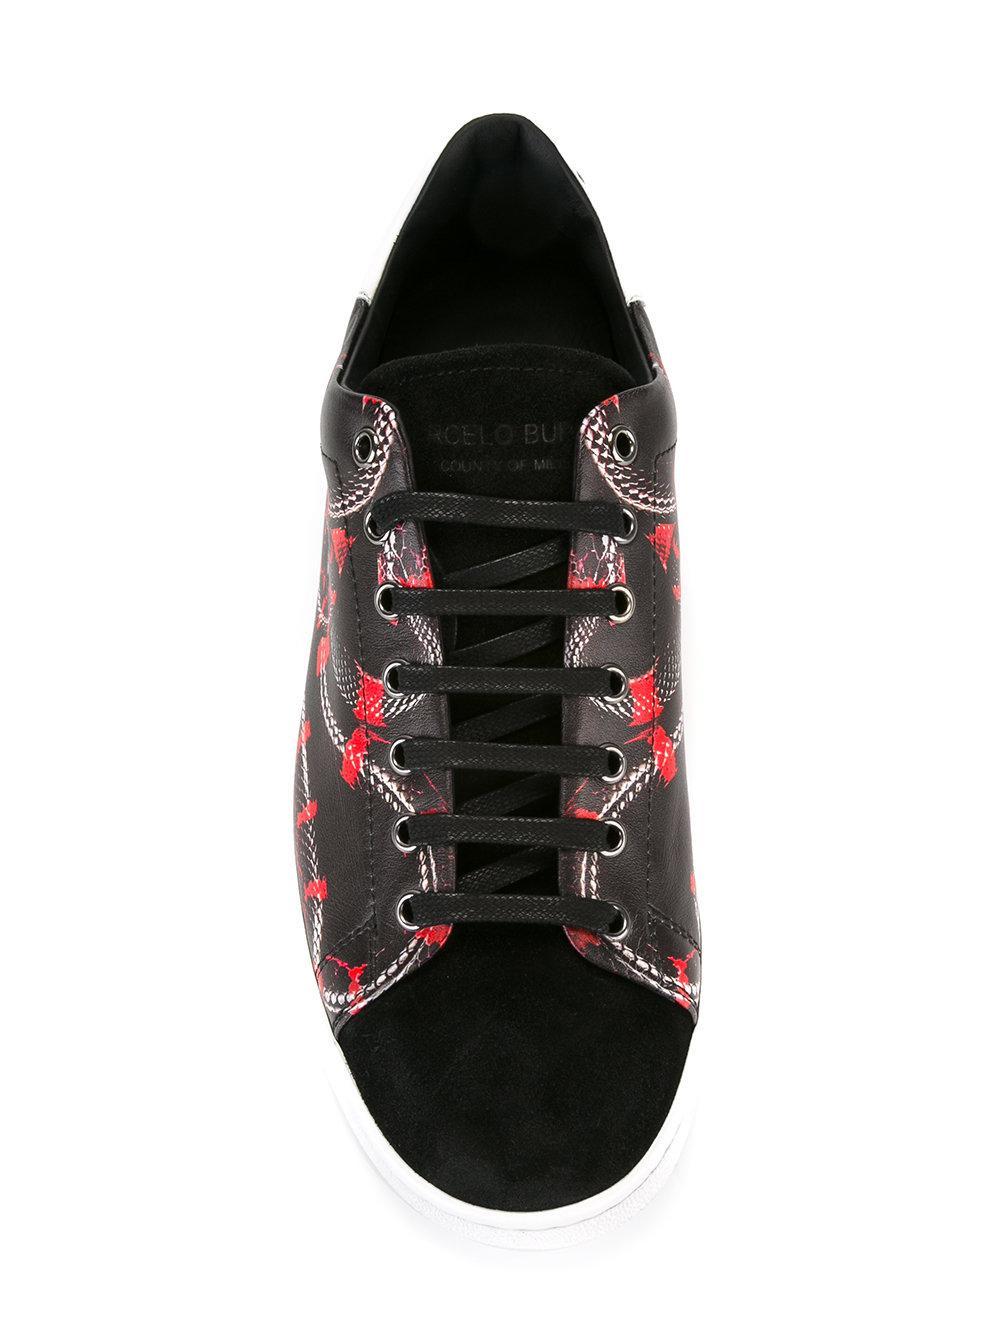 Marcelo Burlon Leather Isabel Stan Sneakers in Black